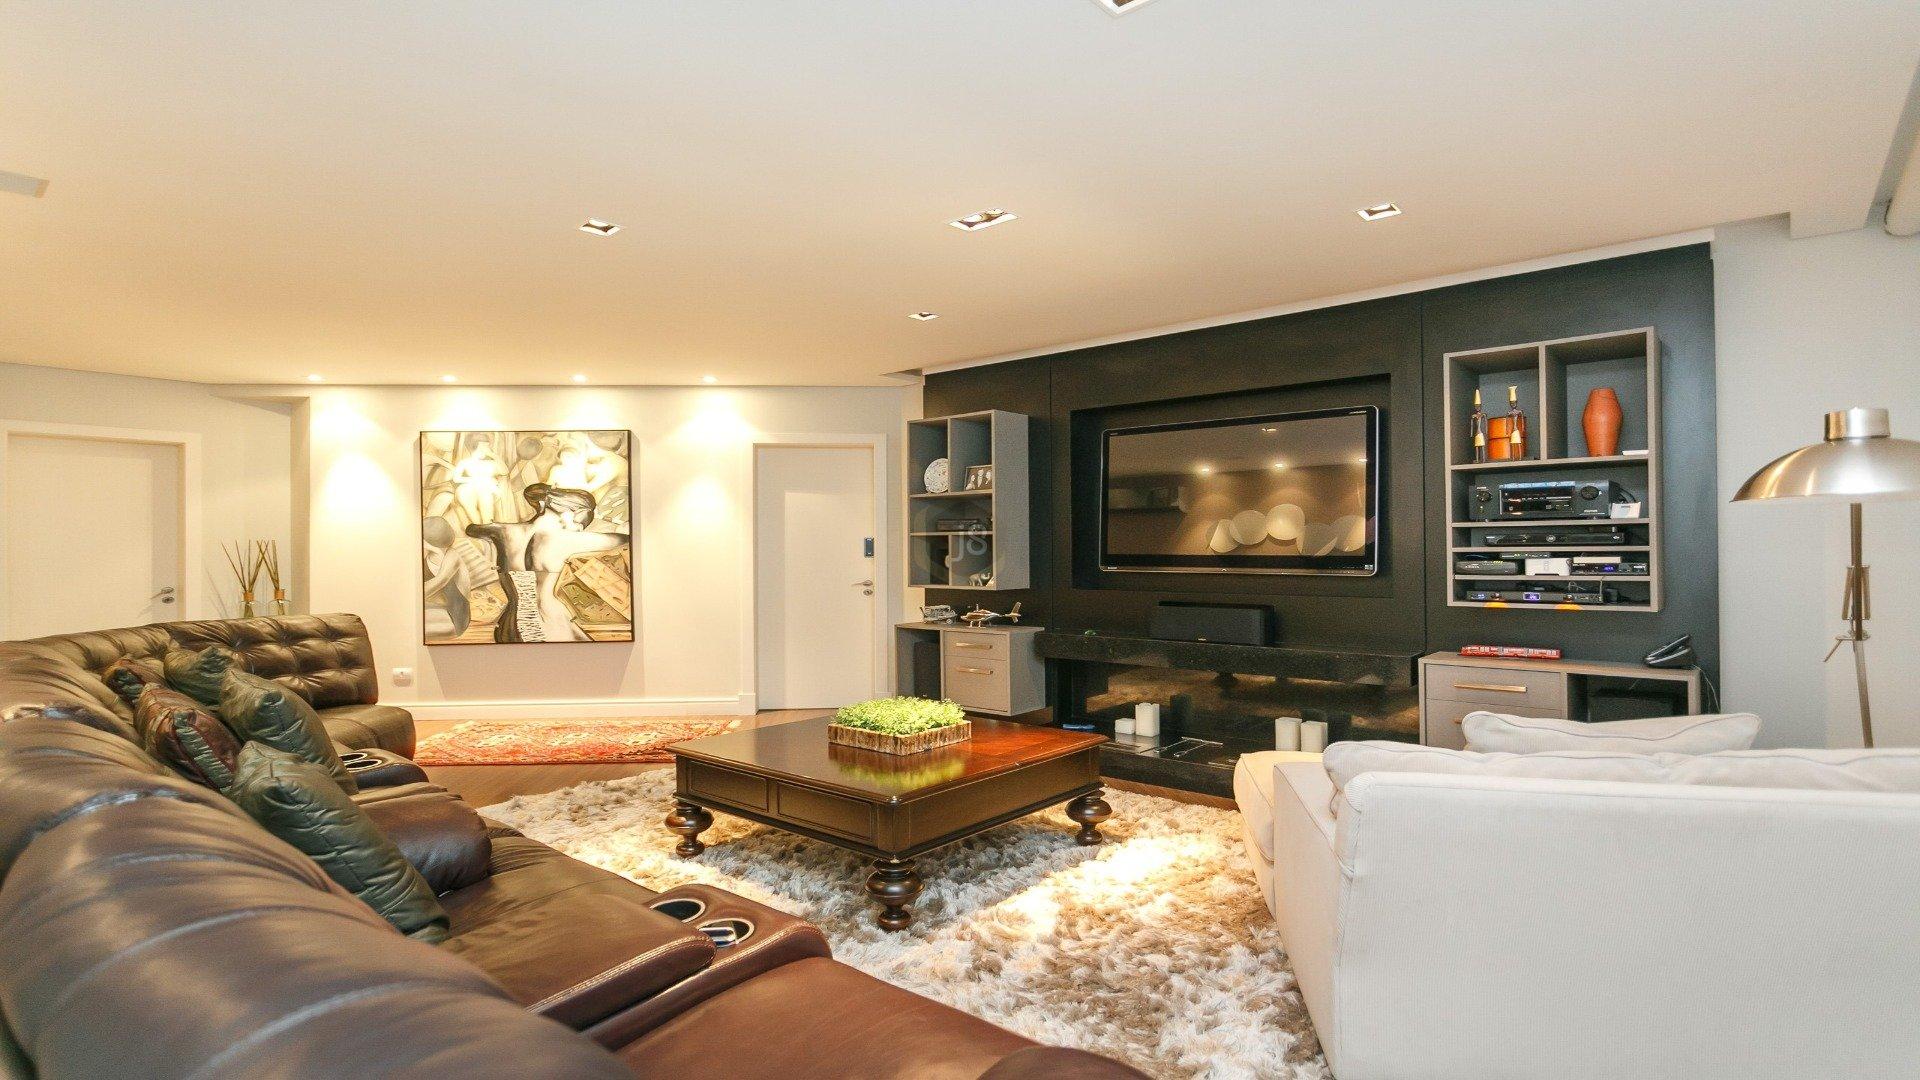 Foto de destaque Muito espaço e luxo em apartamento no ecoville